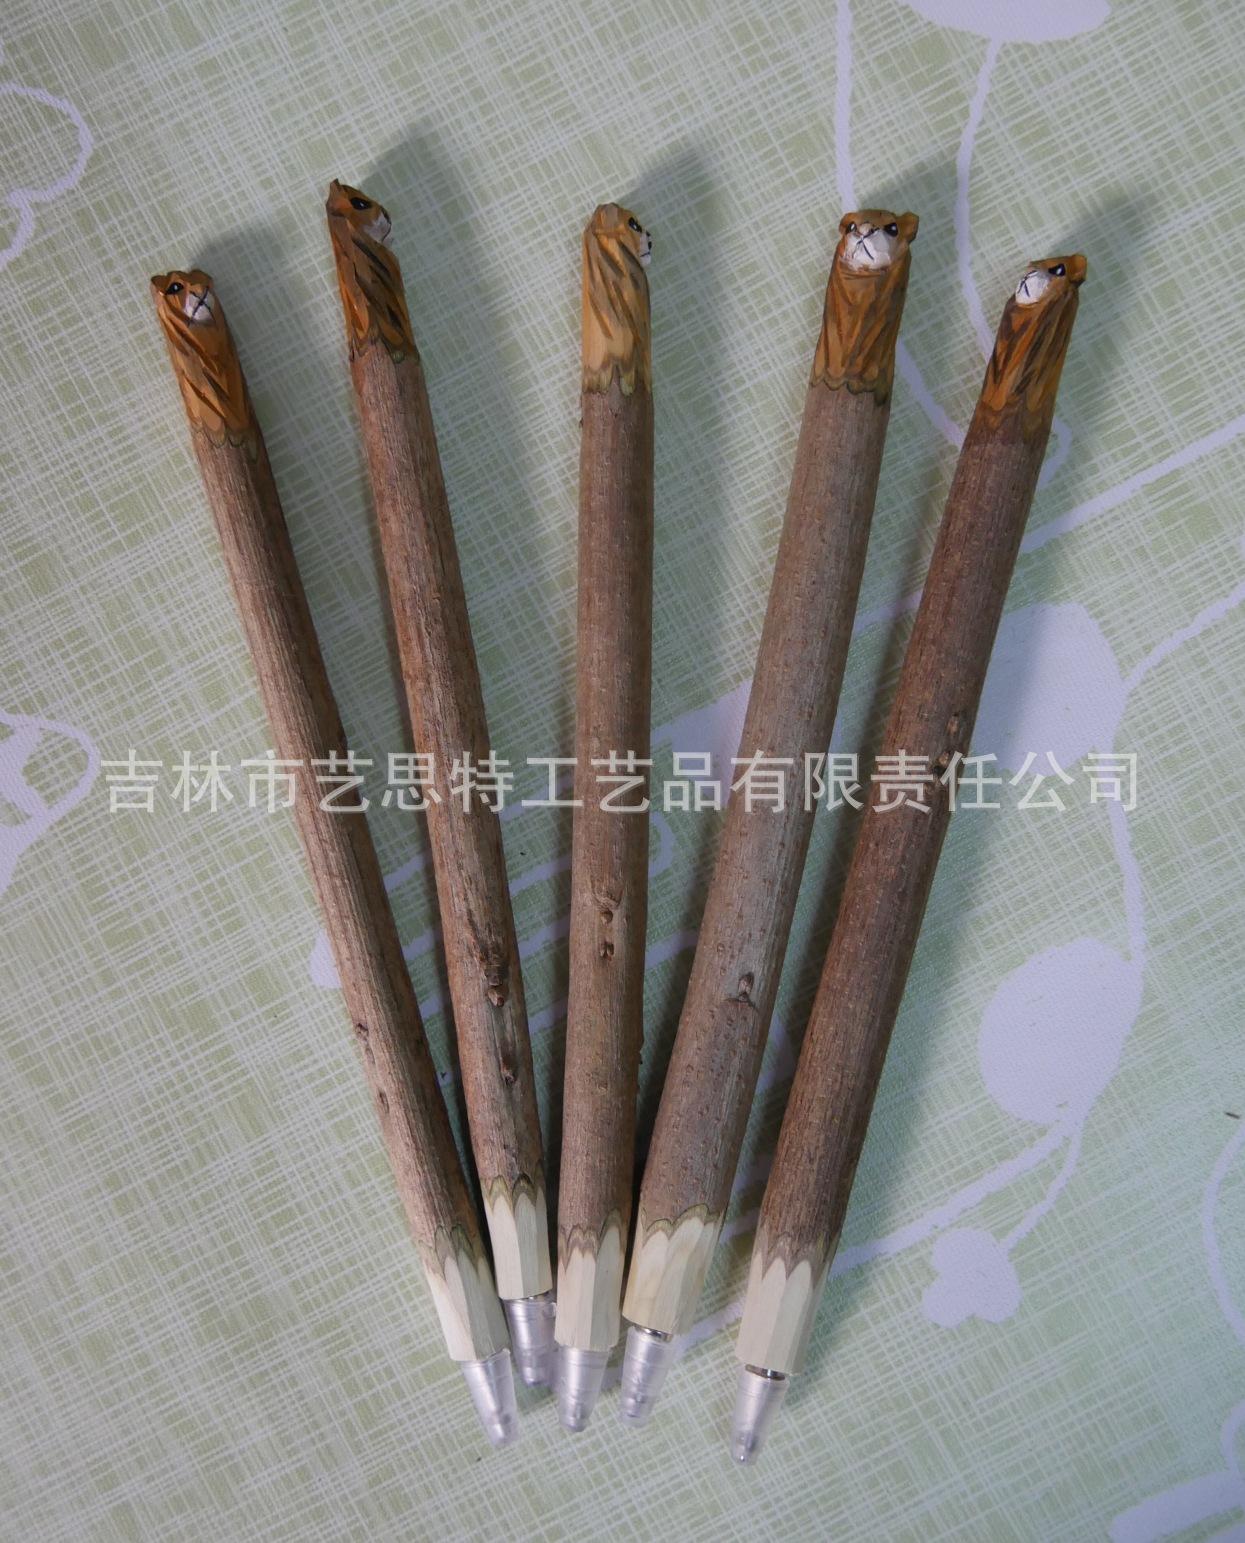 木雕刻圆珠笔工艺笔动物笔木头笔创意笔木制笔树枝笔文具笔桦木笔